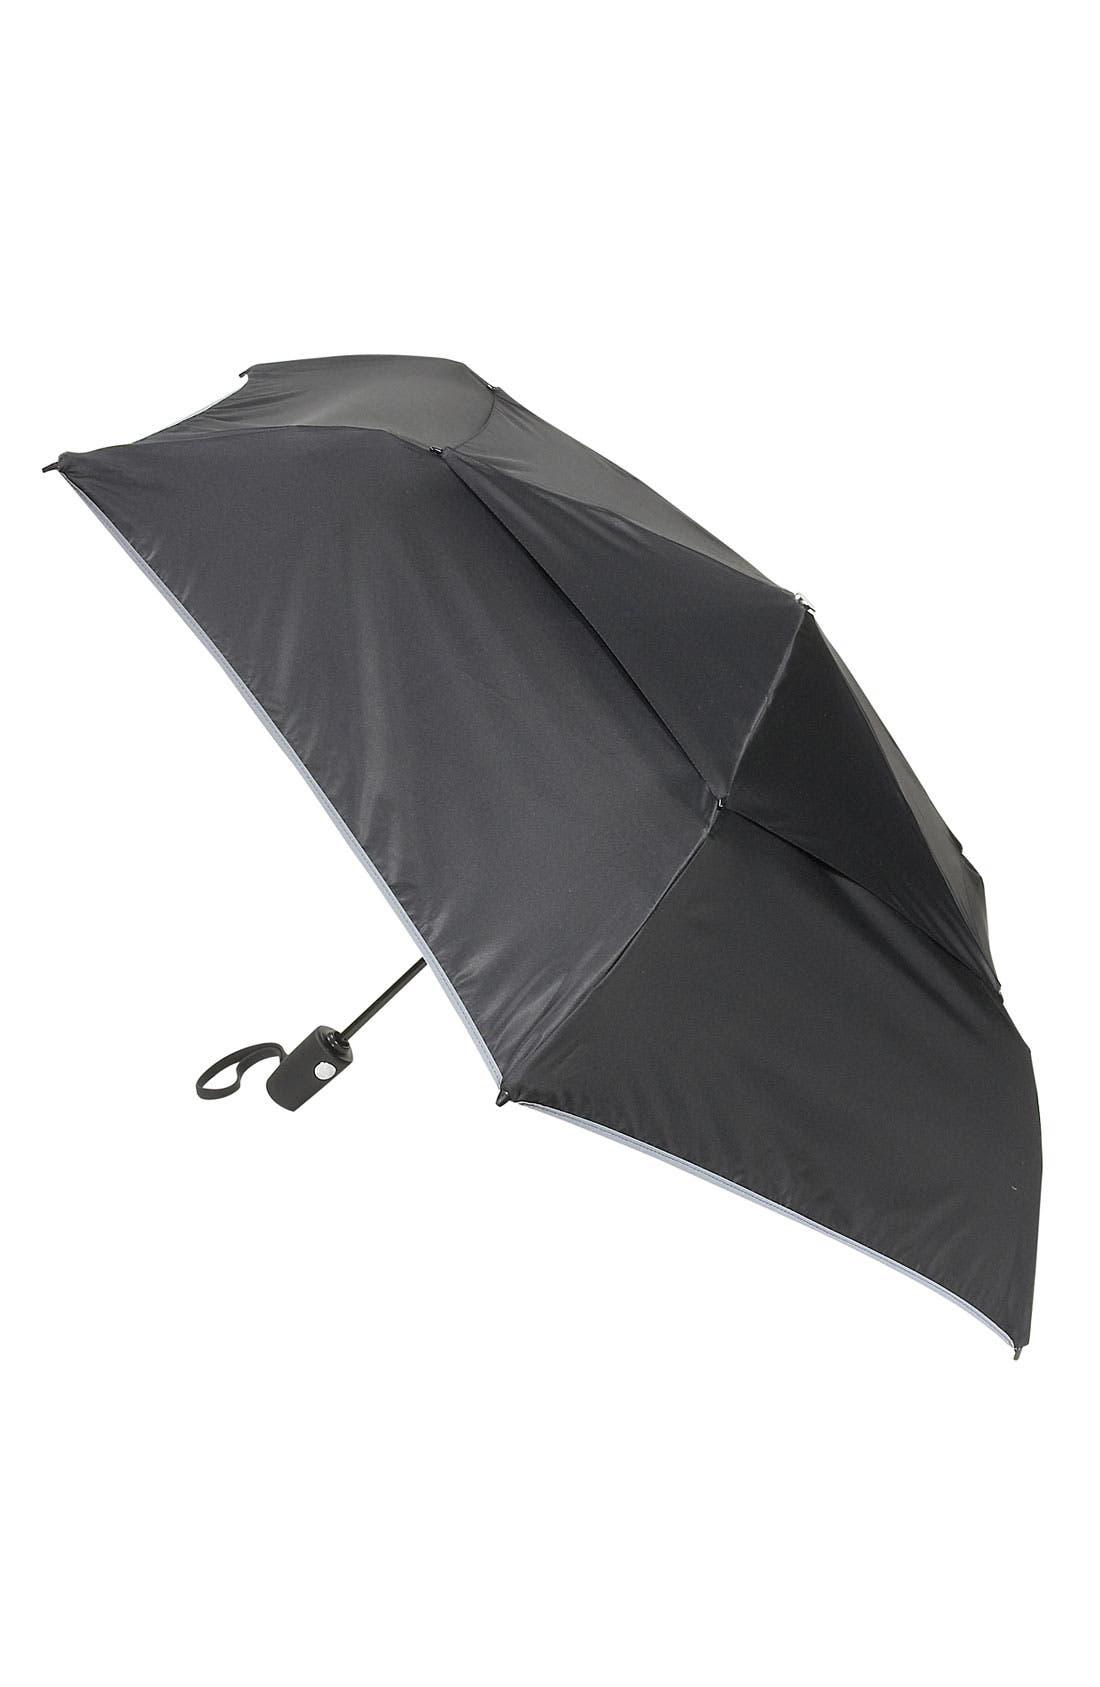 Tumi Medium Auto Close Umbrella